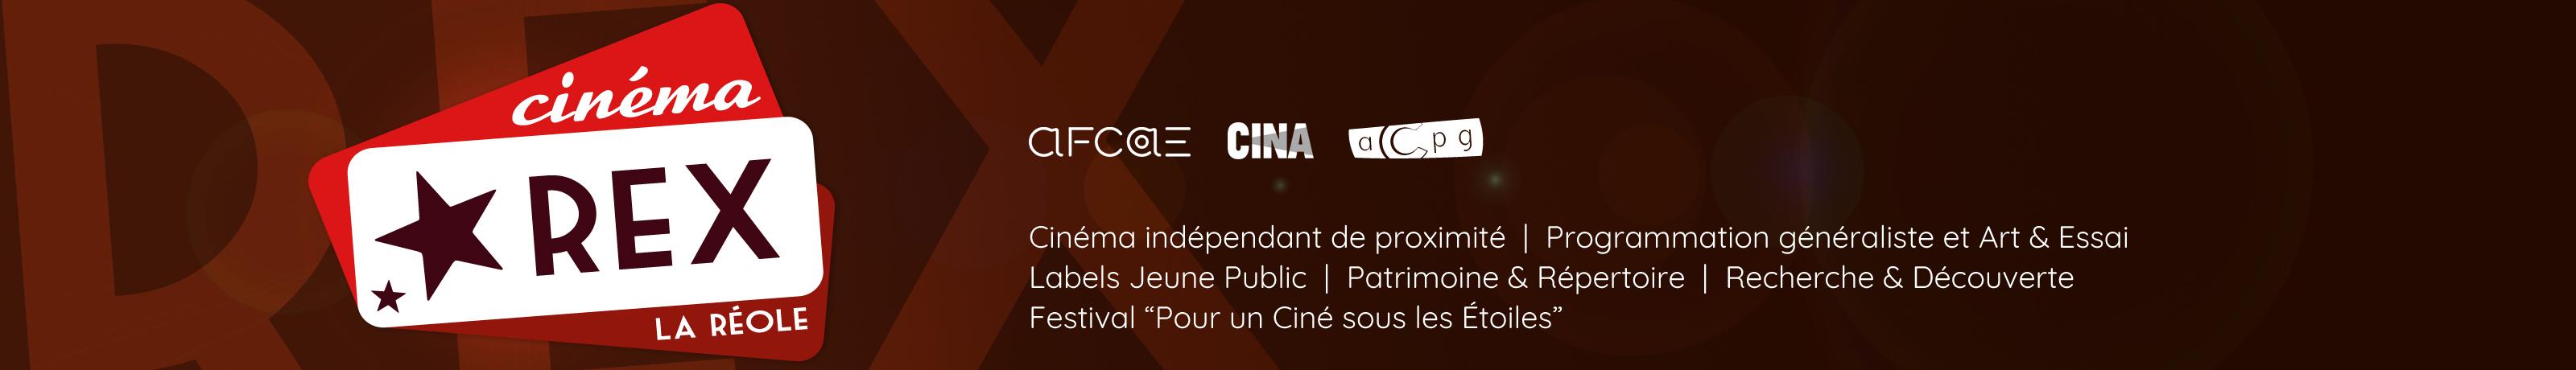 Cinéma Rex > La Réole (33)